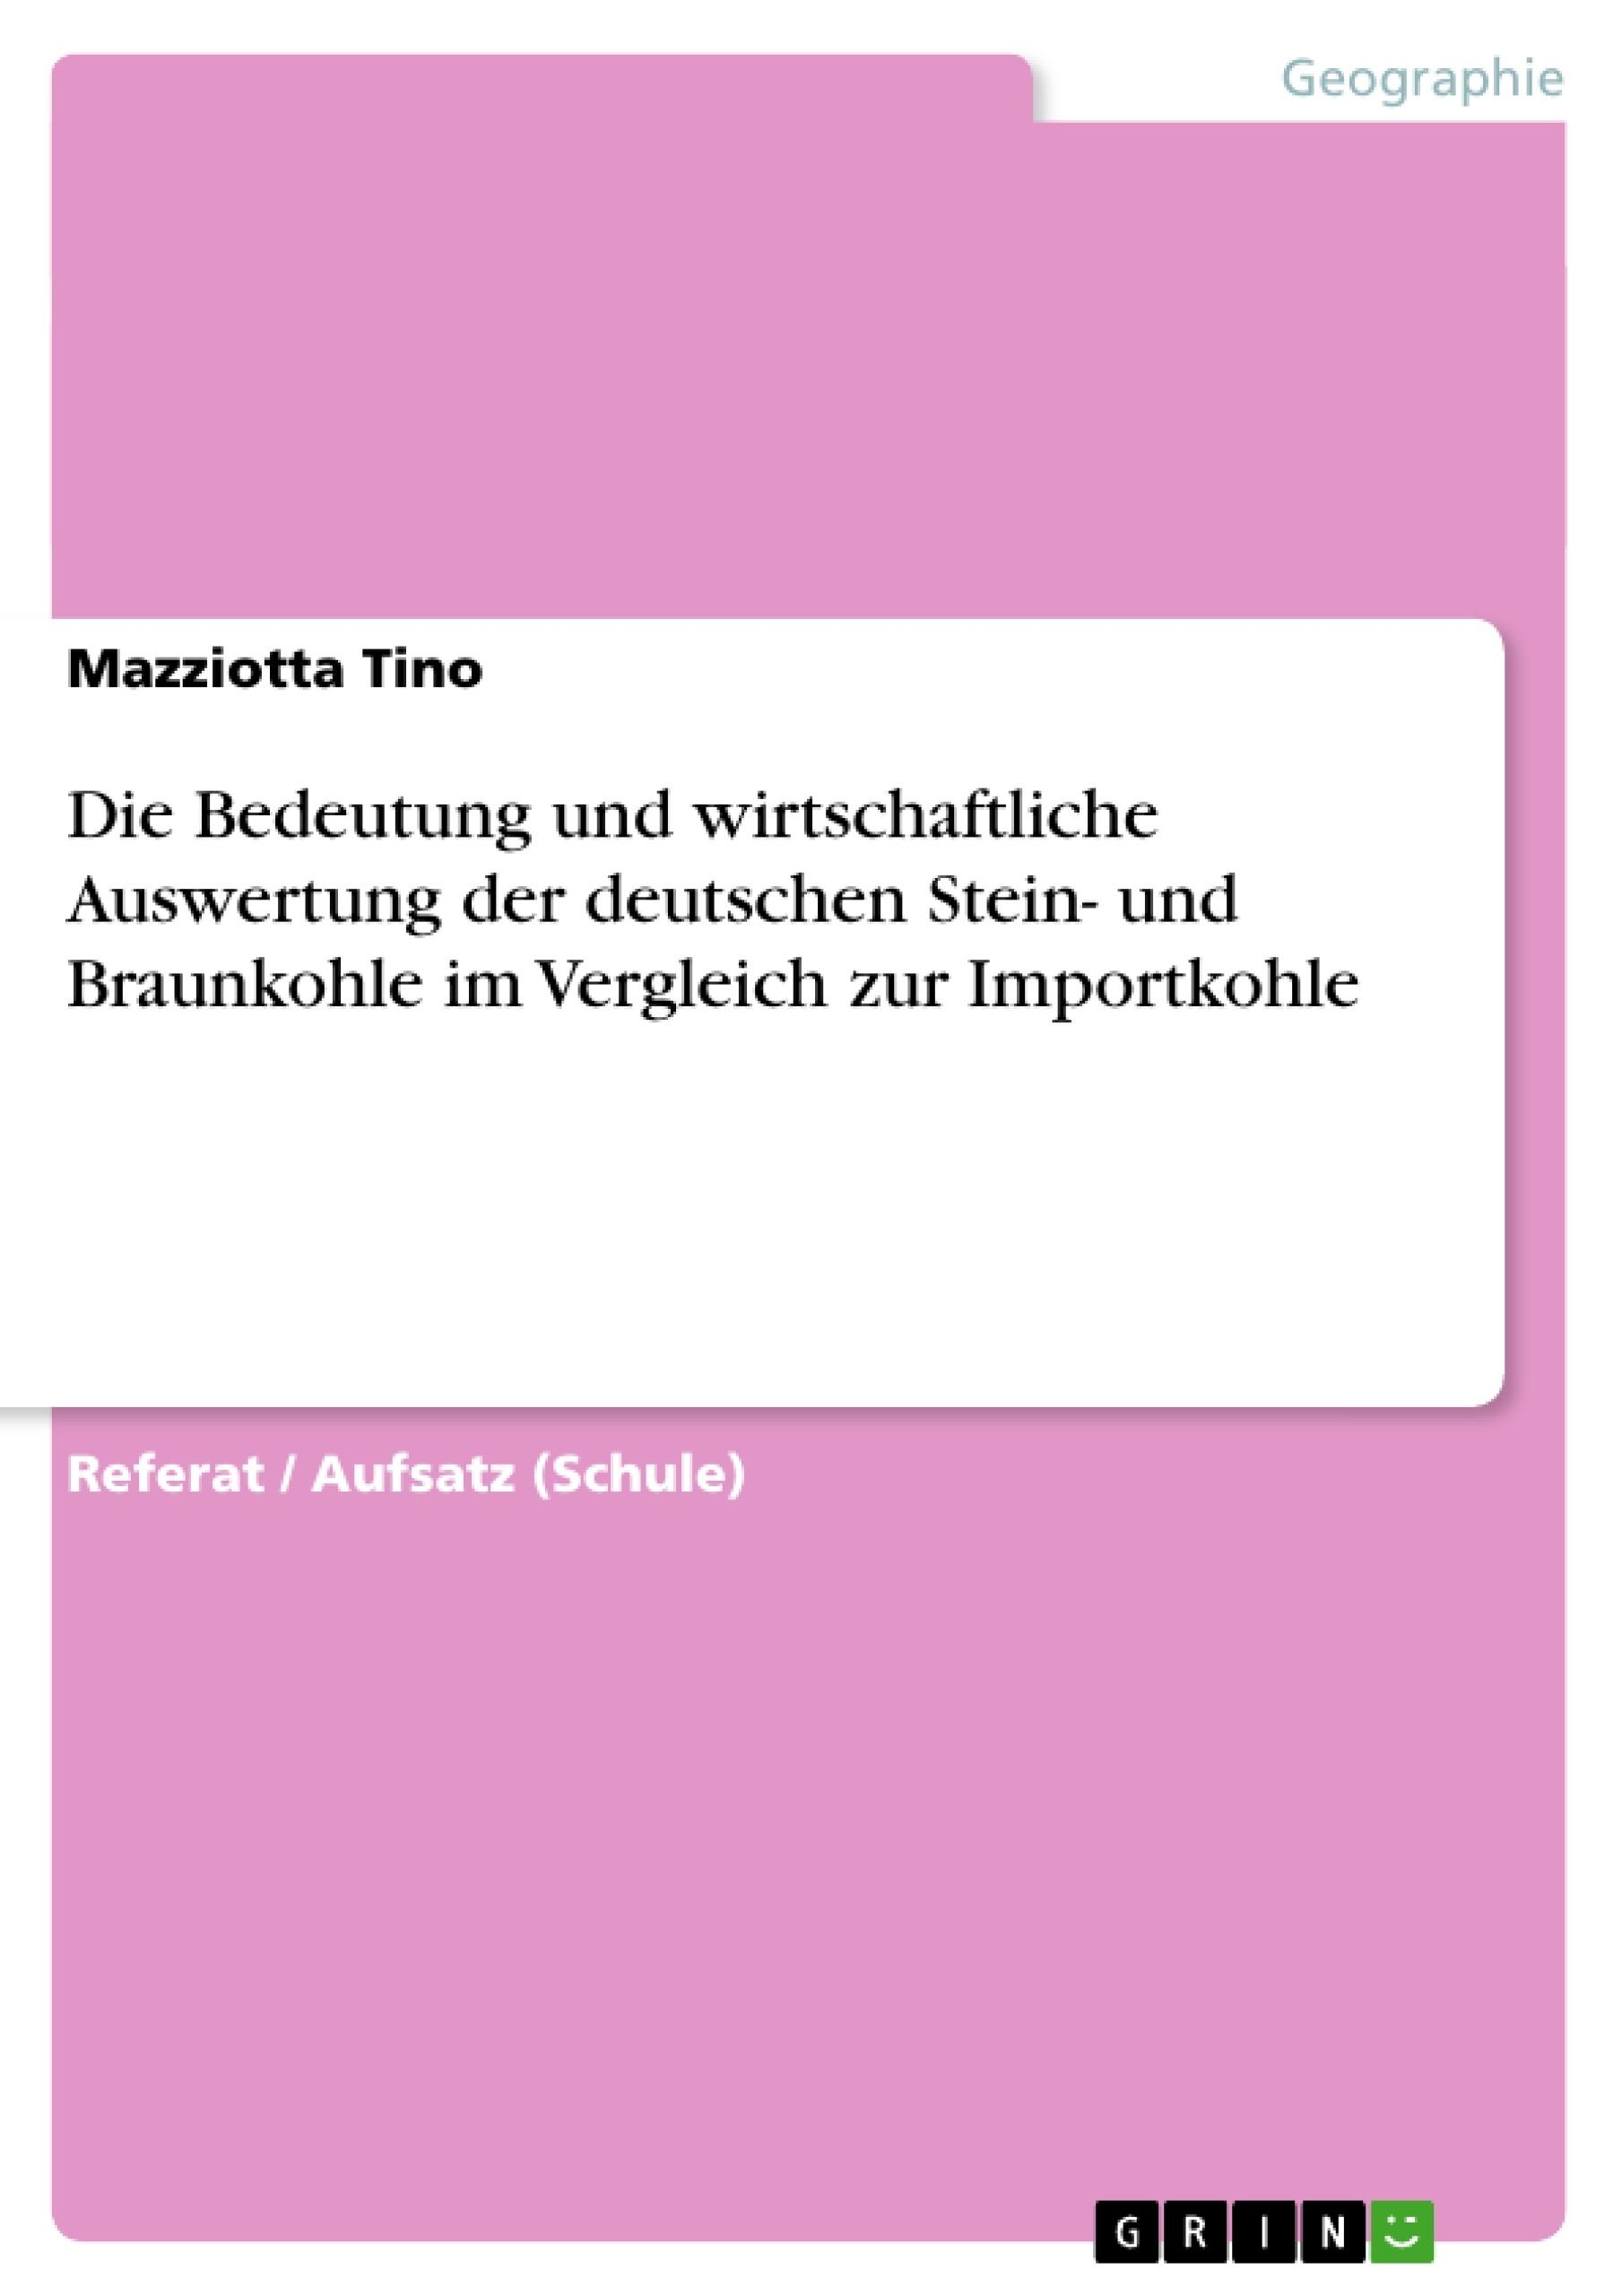 Titel: Die Bedeutung und wirtschaftliche Auswertung der deutschen Stein- und Braunkohle im Vergleich zur Importkohle